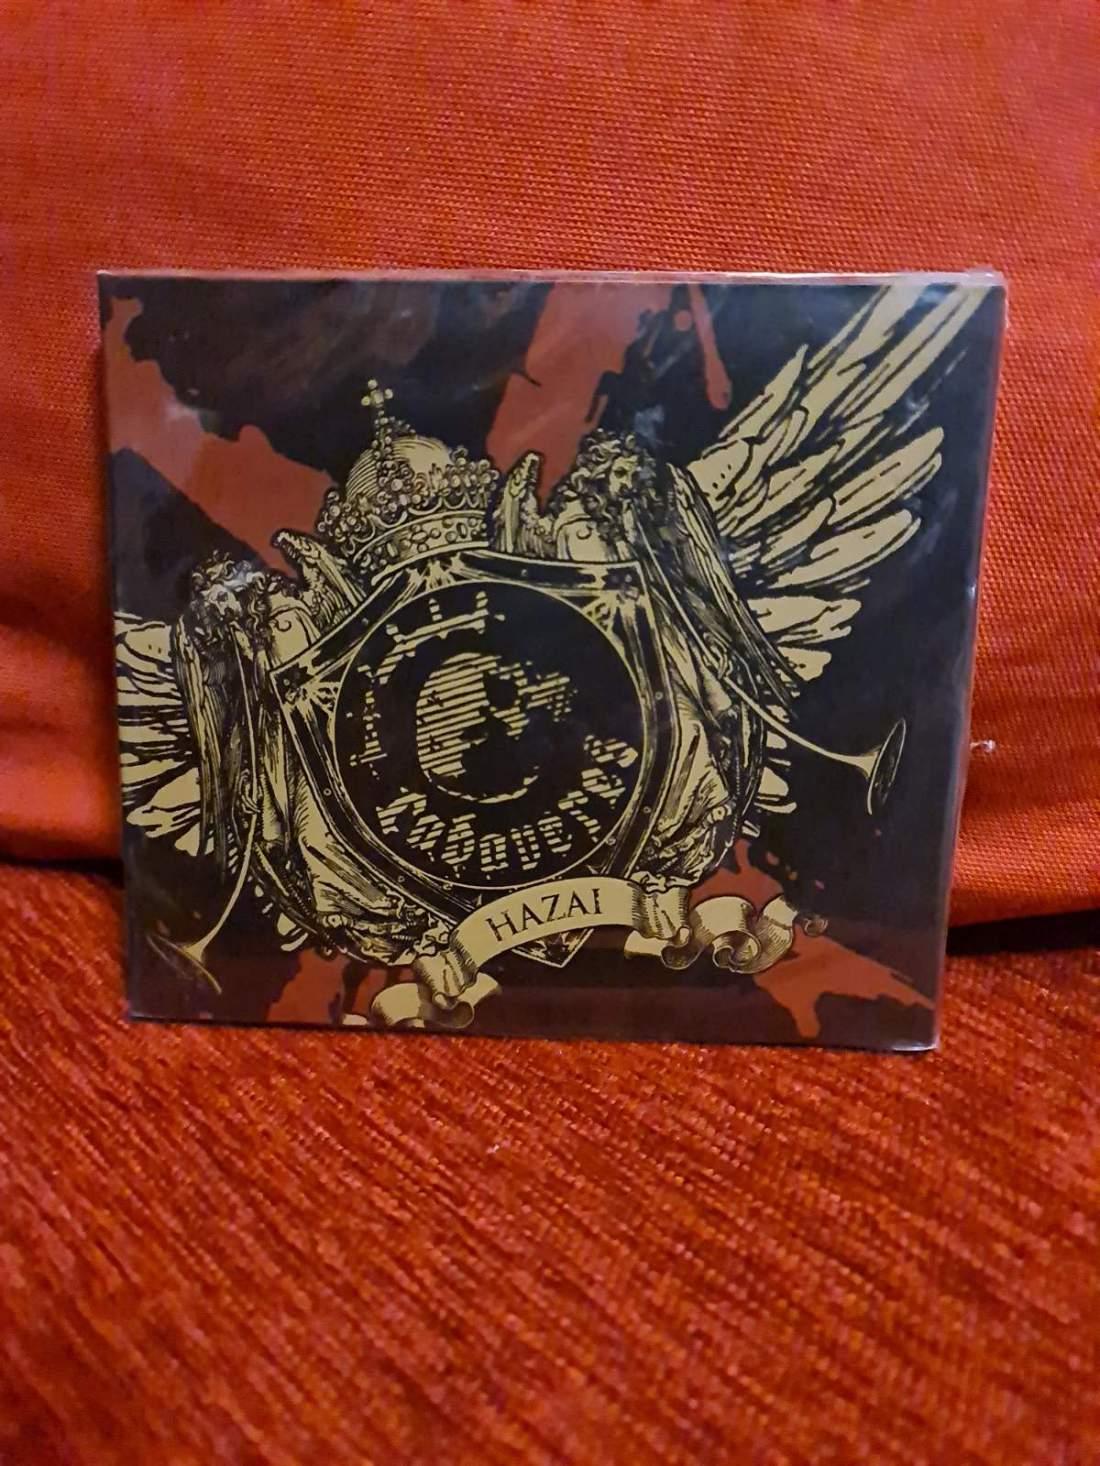 CADAVERES - HAZAI CD